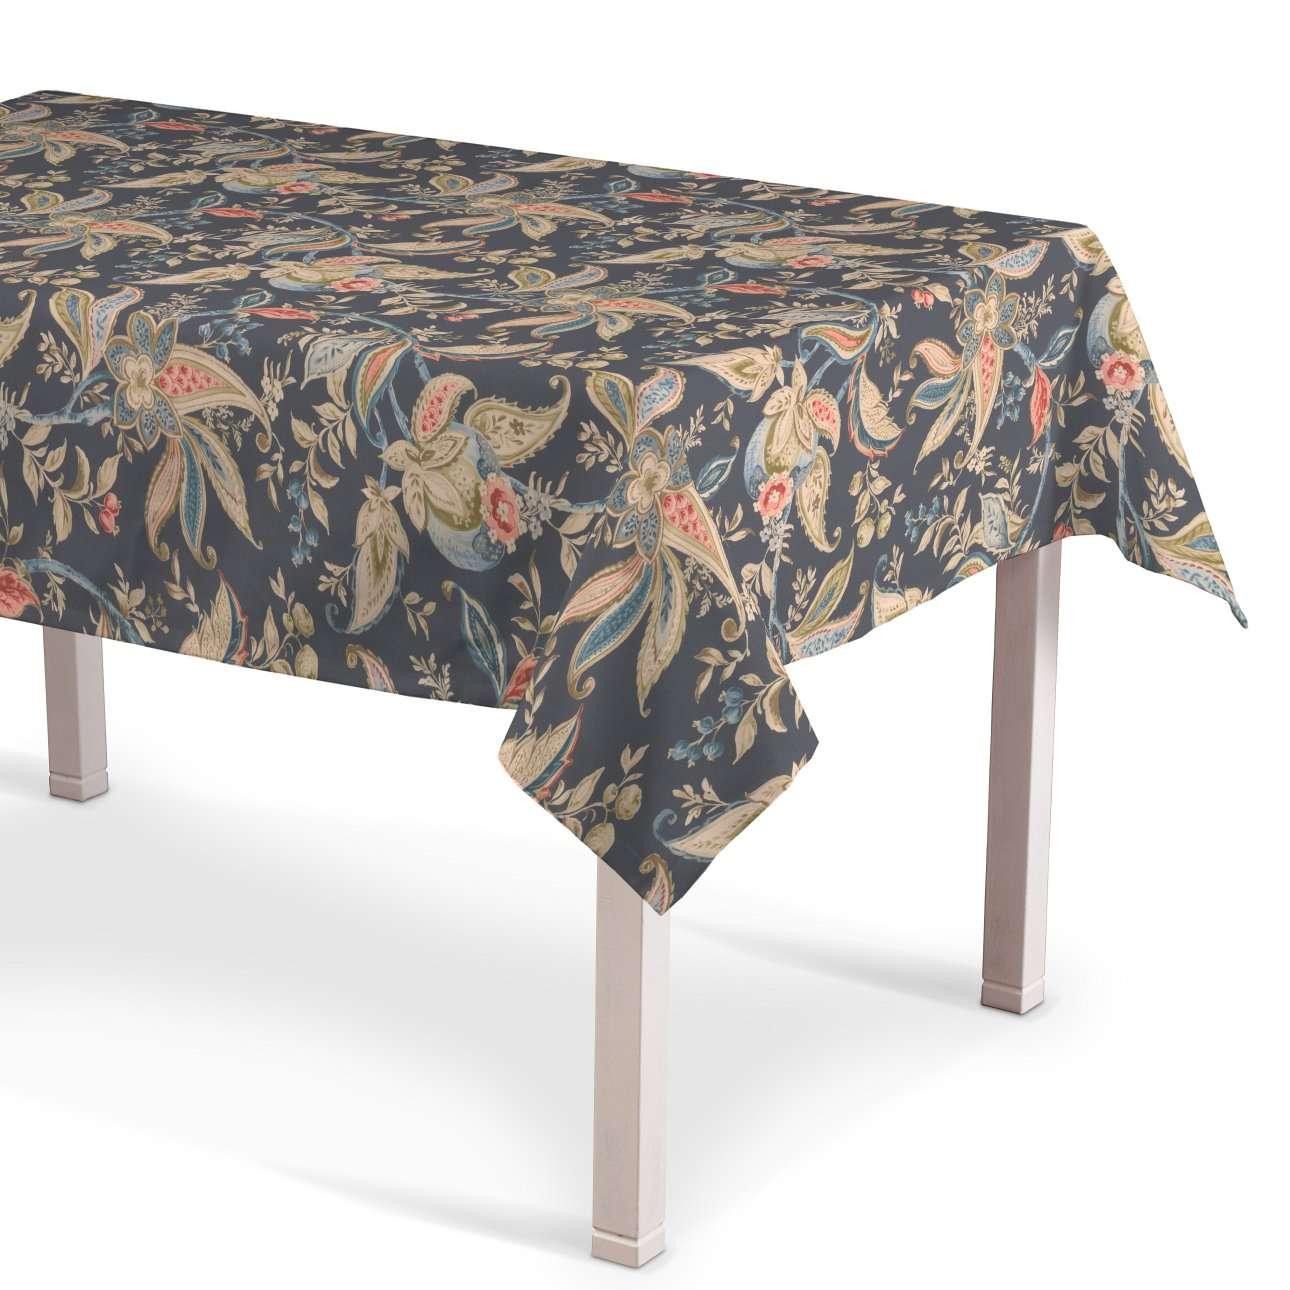 Rechteckige Tischdecke von der Kollektion Gardenia, Stoff: 142-19